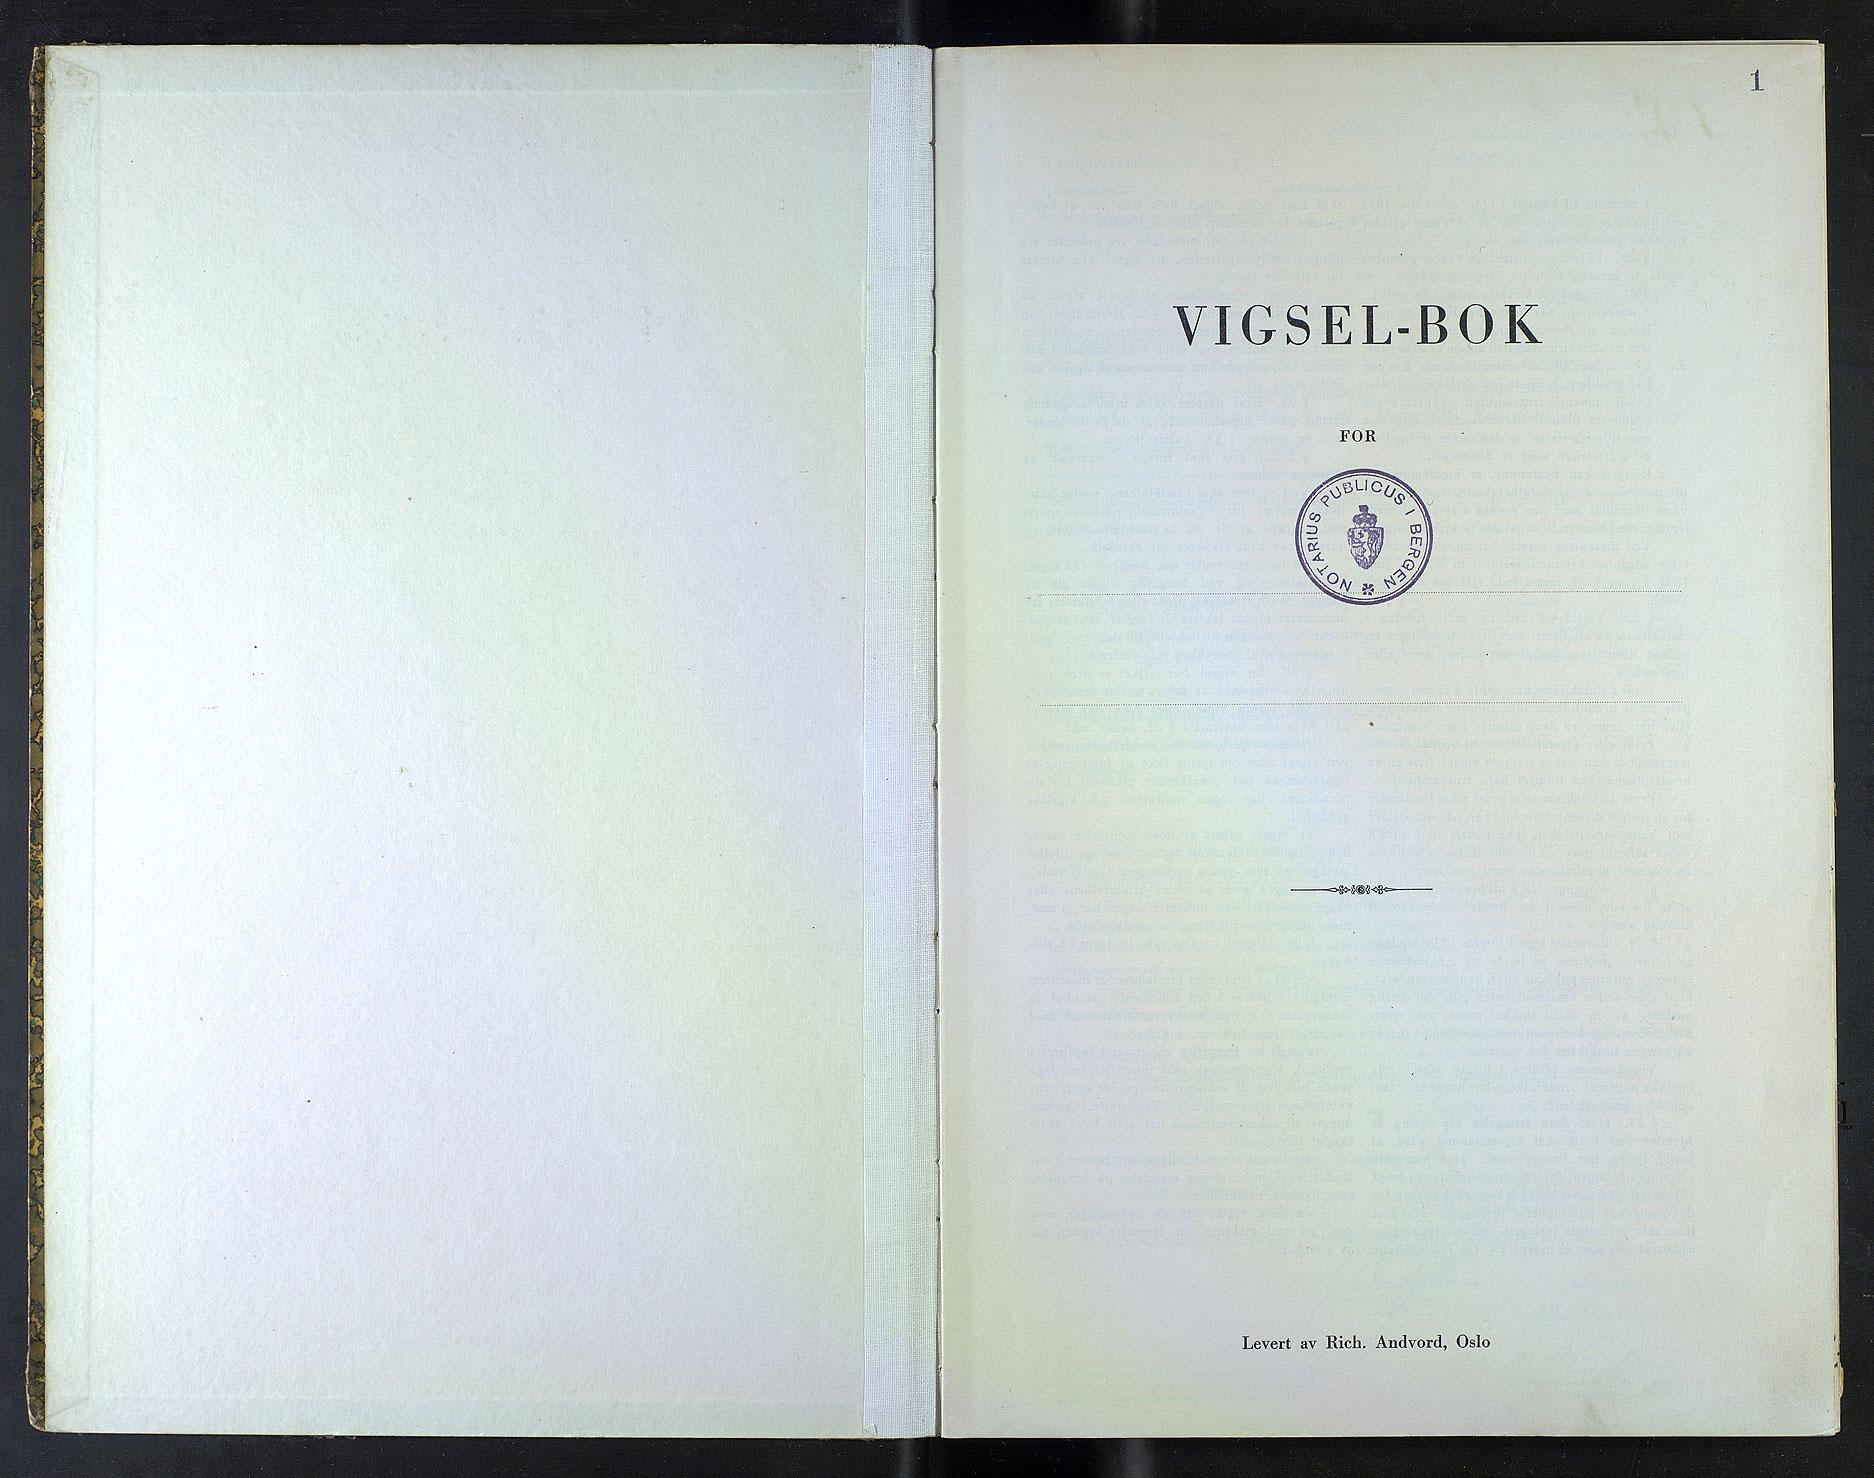 SAB, Bergen byfogd og byskriver*, 1942-1943, s. 1